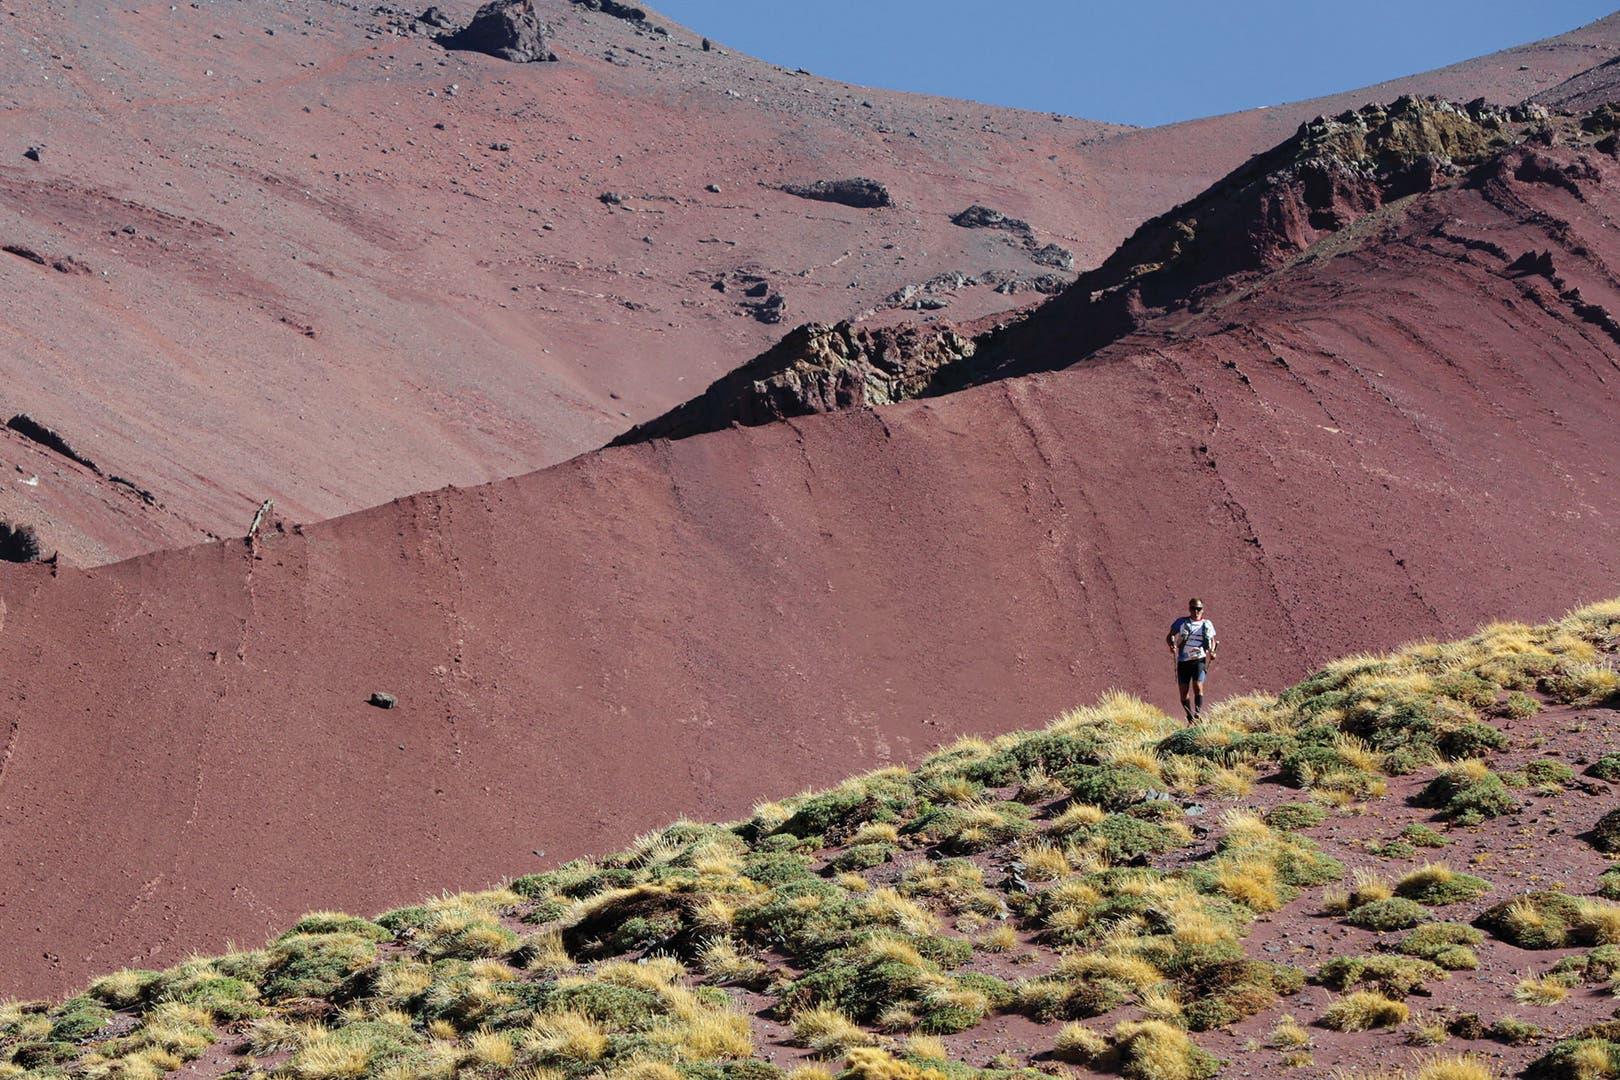 El pasado 22 de febrero, Juan Gabriel Gutiérrez recorrió los 100 kilómetros del Aconcagua Ultra Trail.